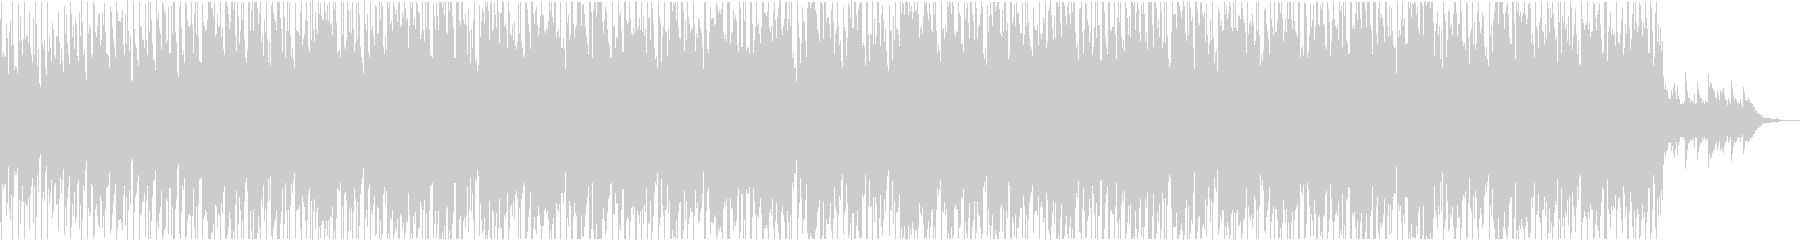 エレキギターの哀愁漂うBGMの未再生の波形